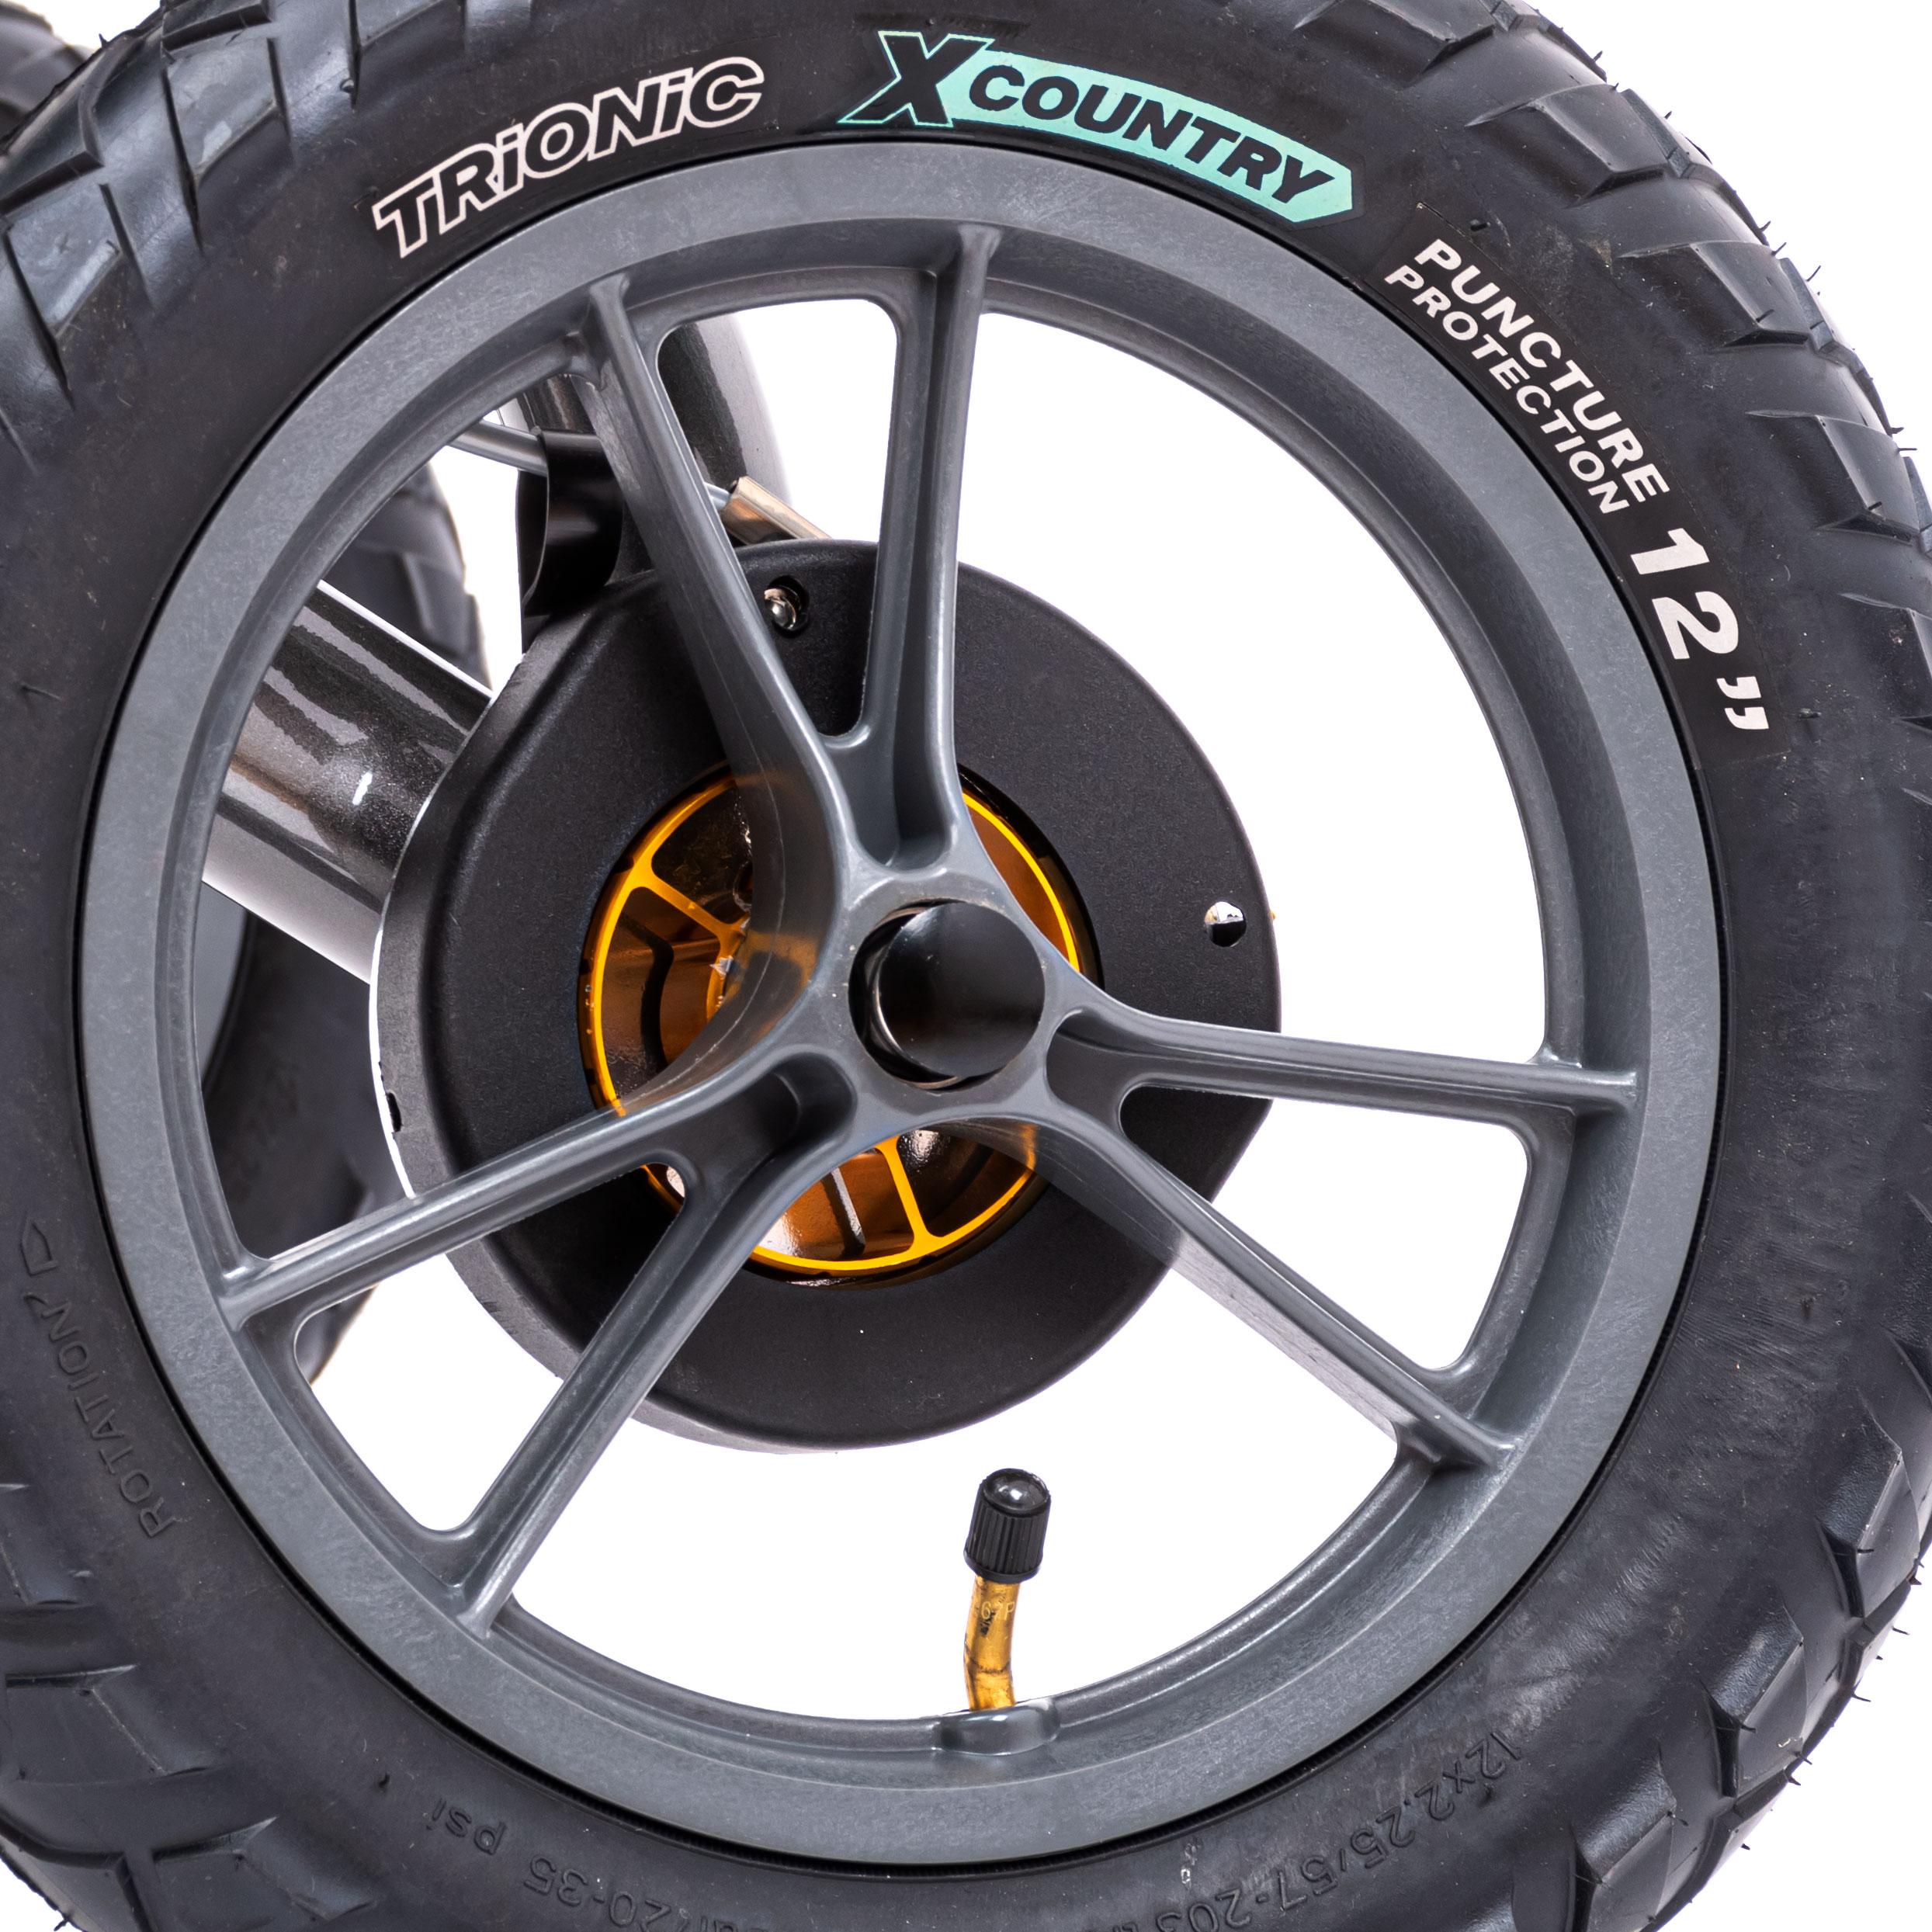 Air-Pressured Tires